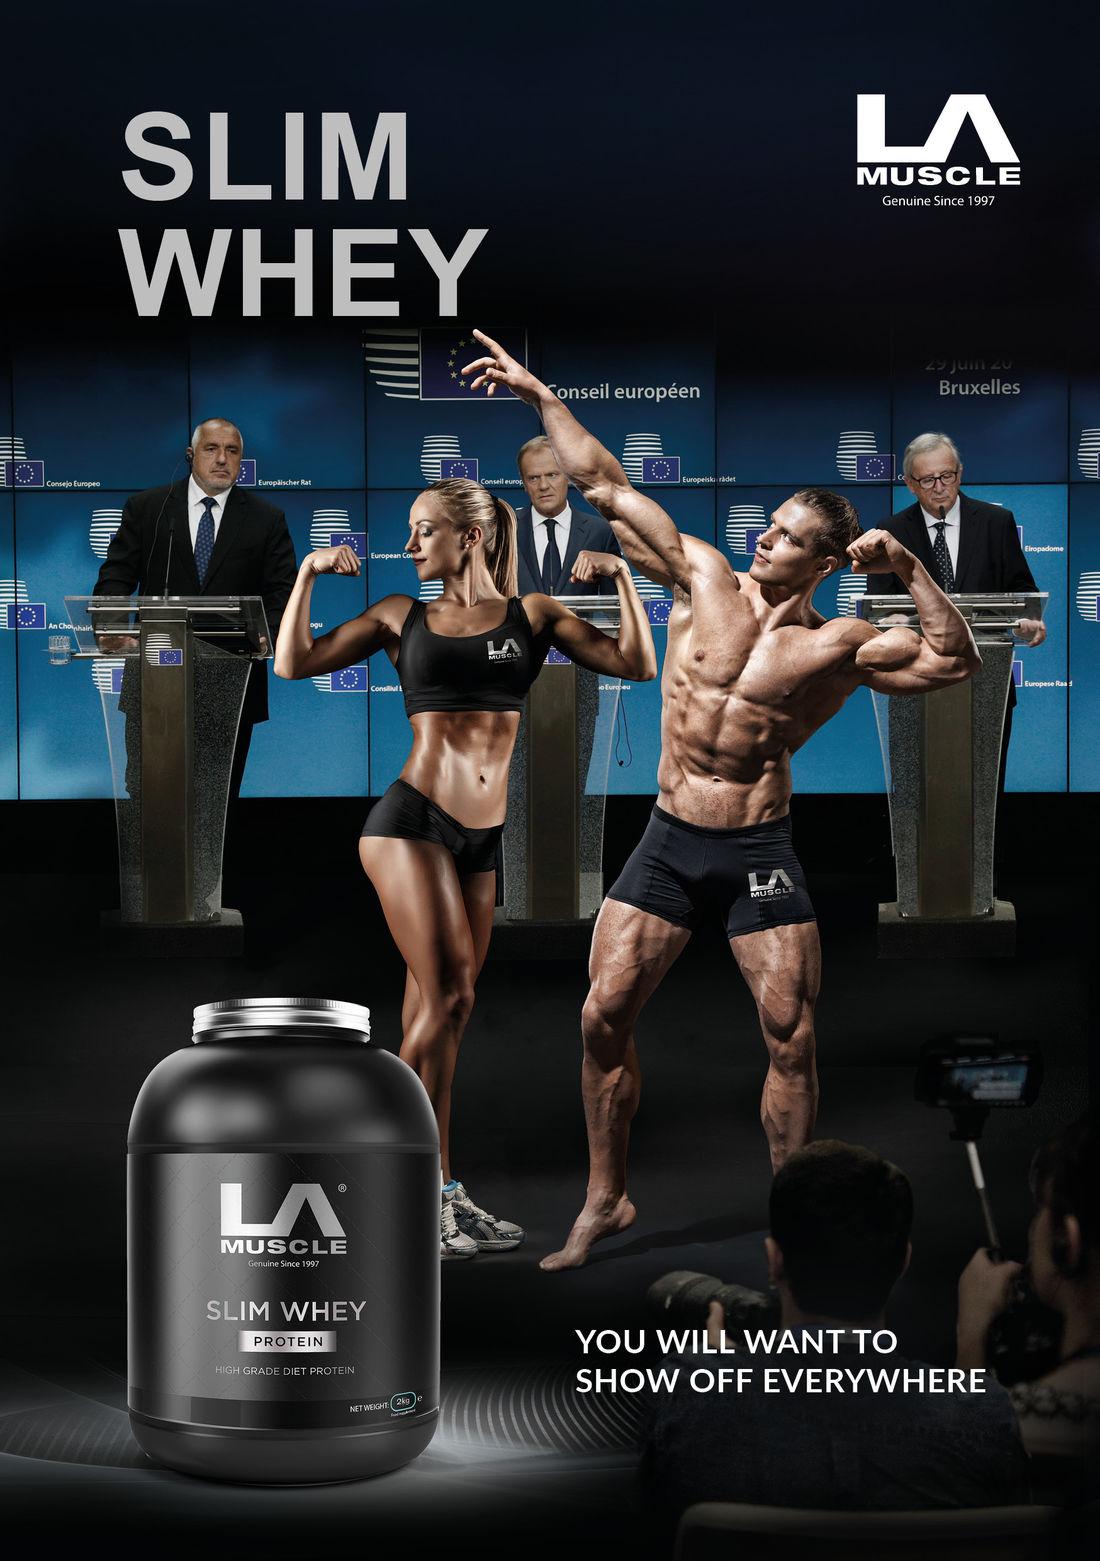 Slim Whey Diet Protein